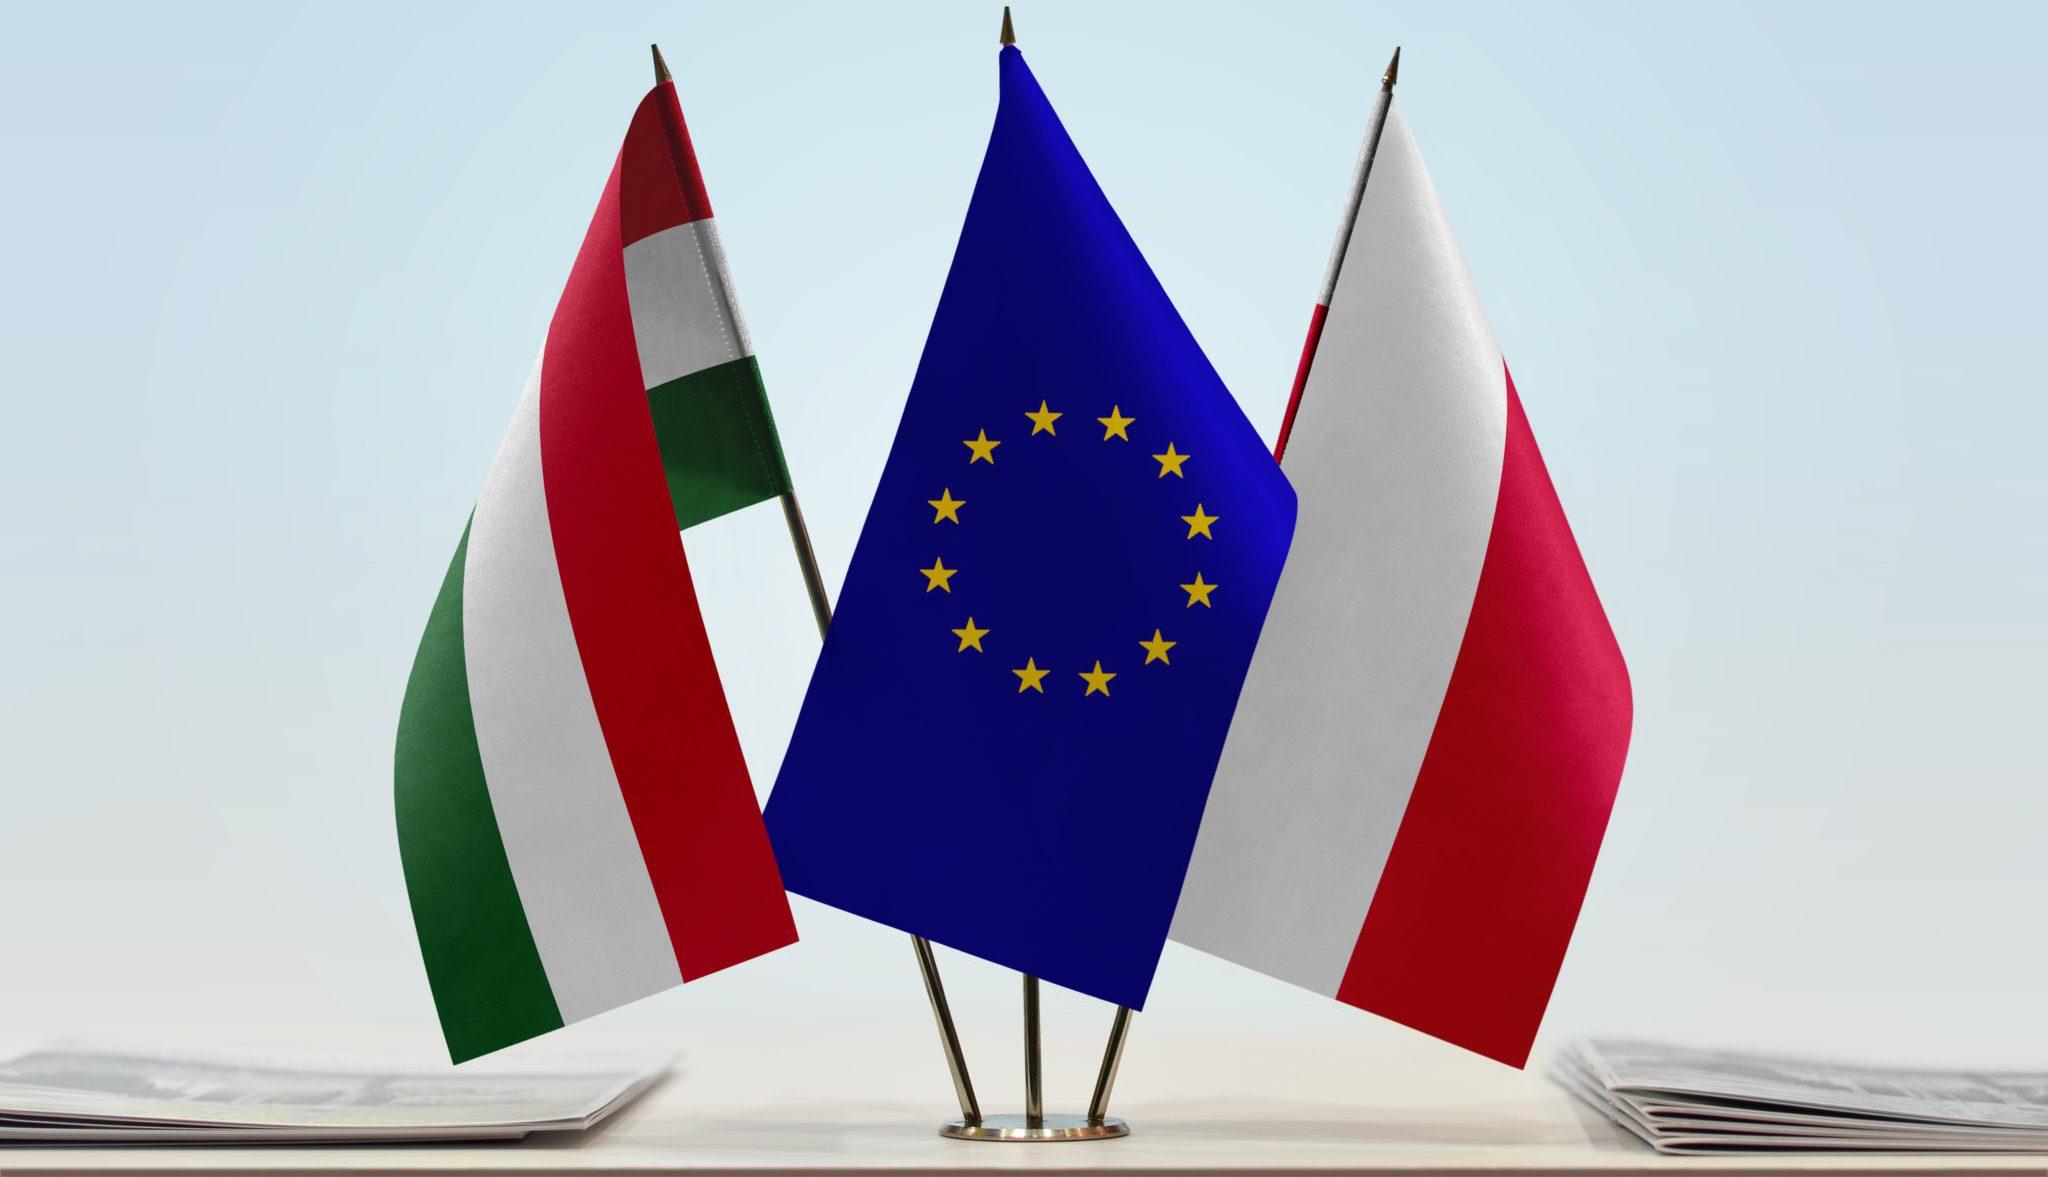 польша и венгрия против злоупотреблений ес